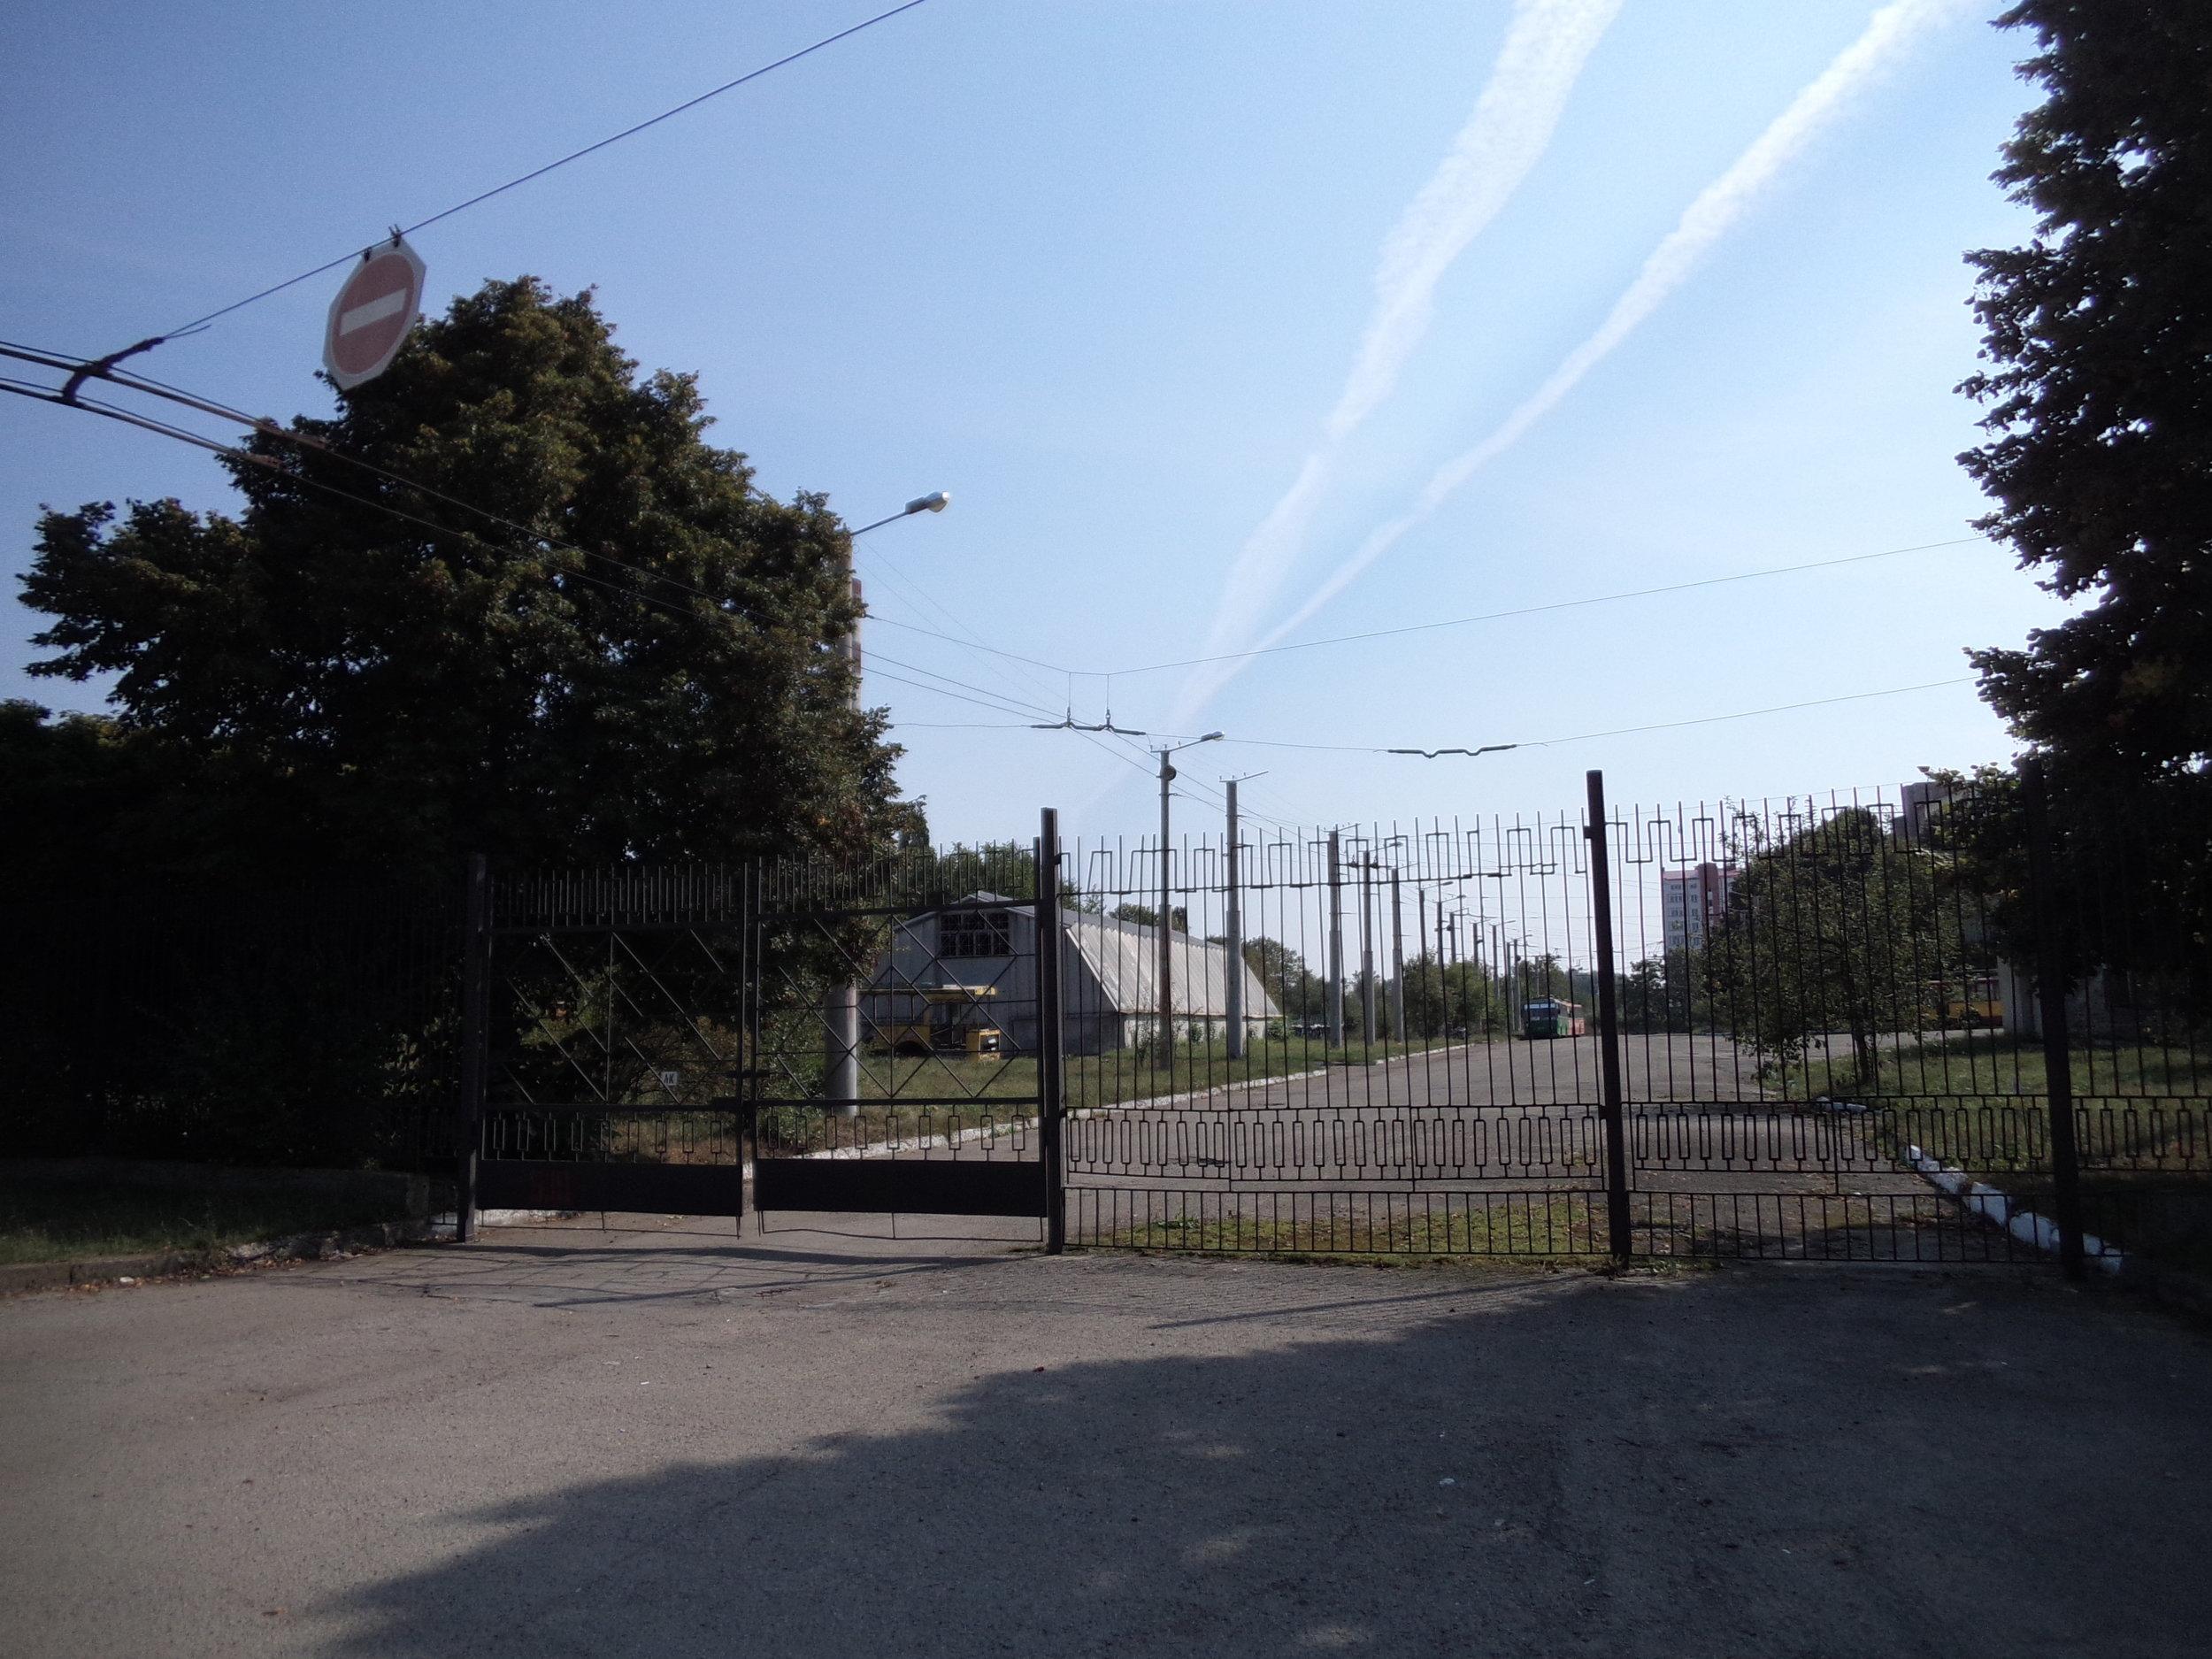 Při využití této brány se trolejbus k centru města nasměruje až poté, co obkrouží blízkou smyčku s názvem KP Elektroavtotrans.